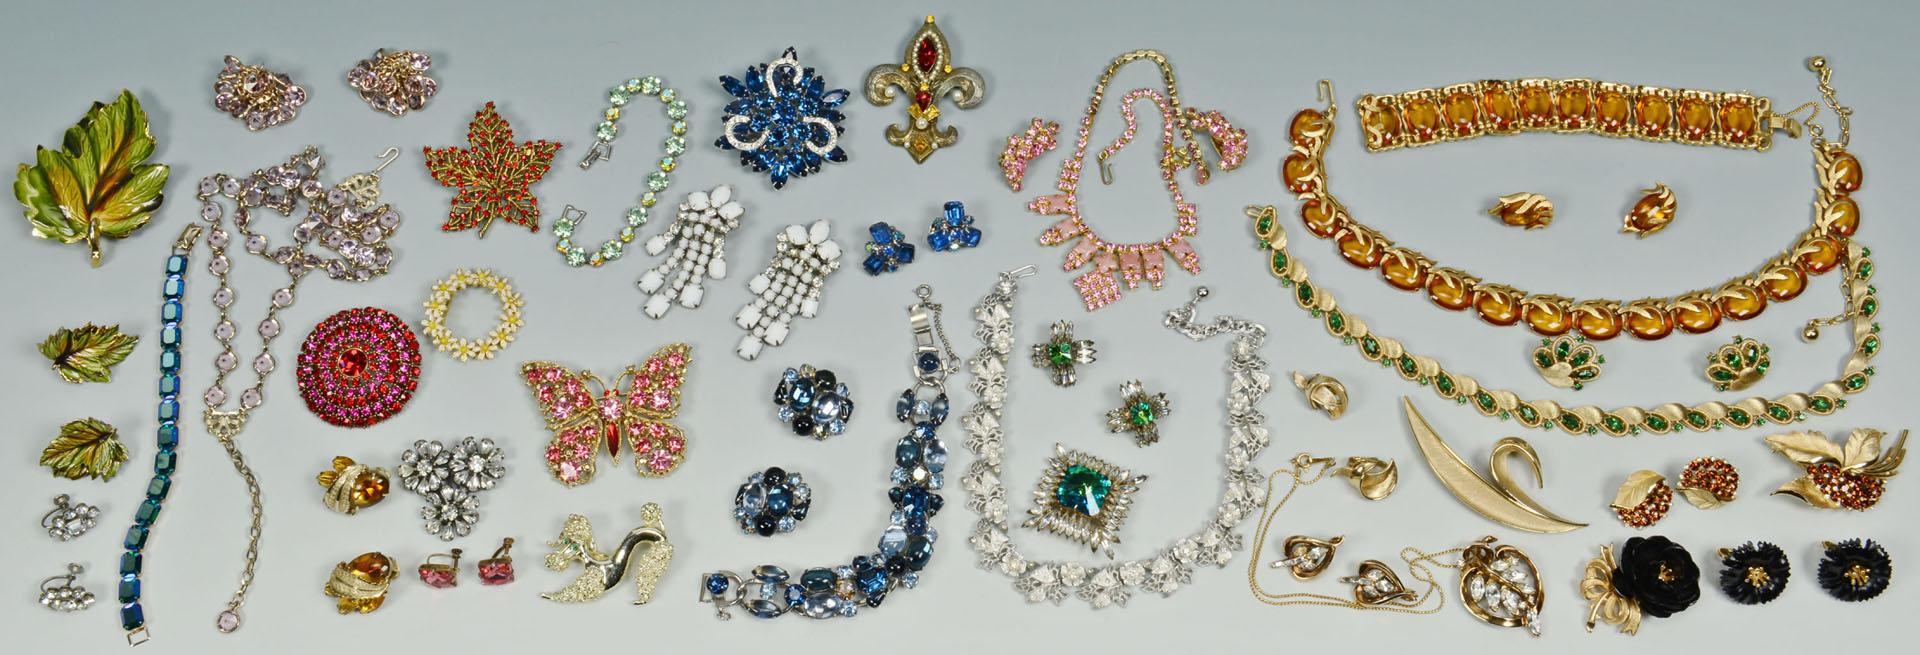 Lot 739: Costume Jewelry: Weiss, Kramer, Trifari